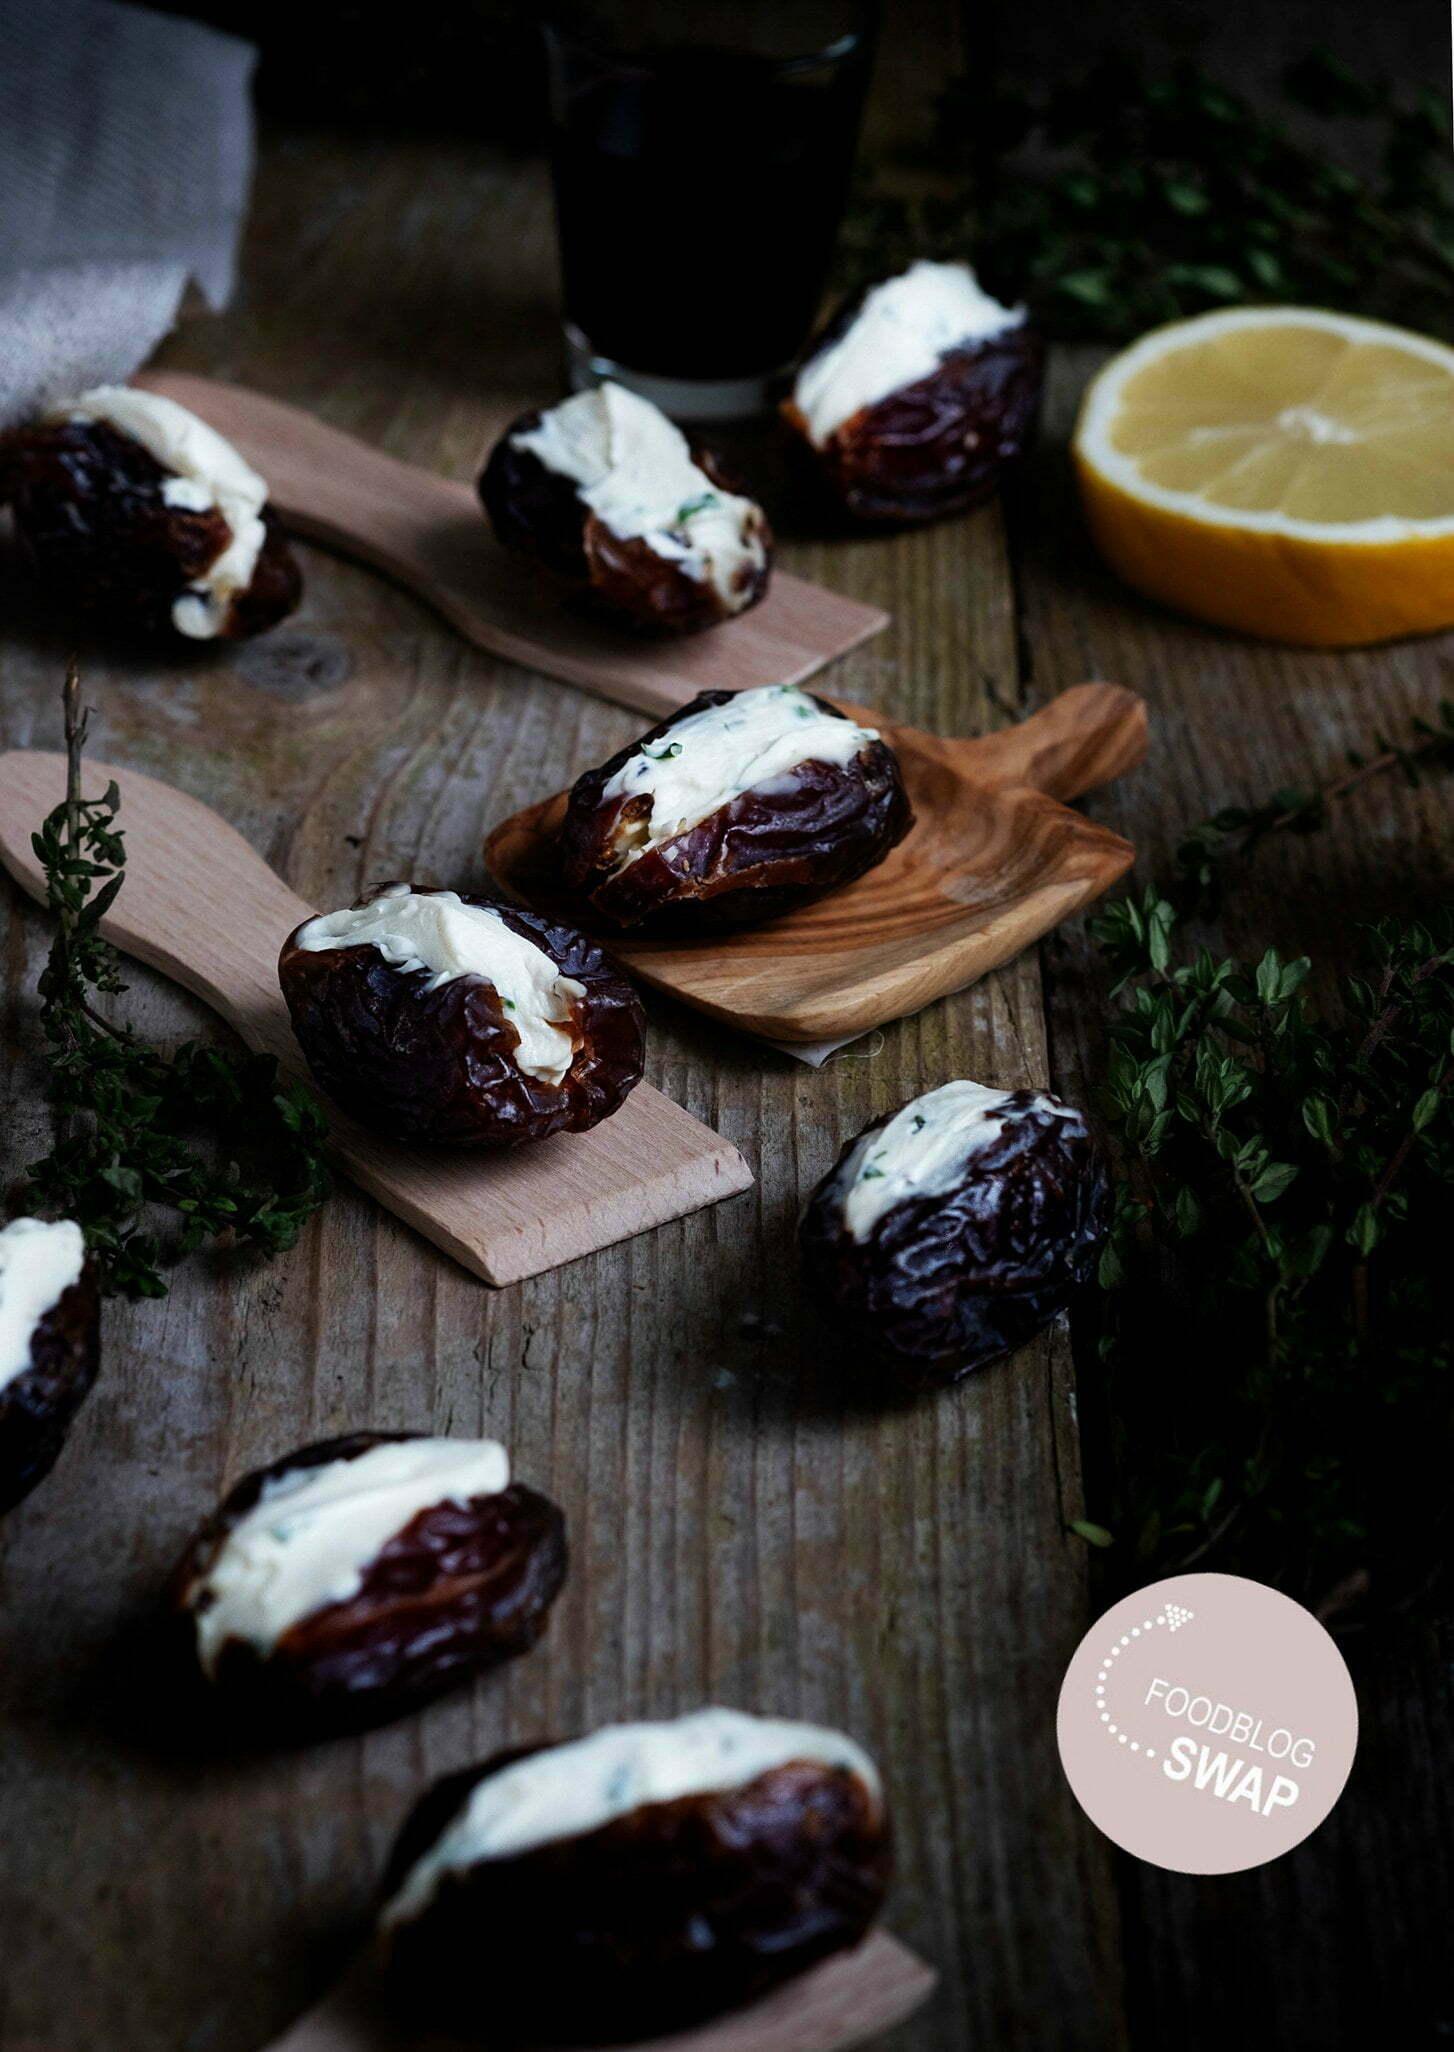 dels met zelfgemaakte kruidenroomkaas - Foodblogswap